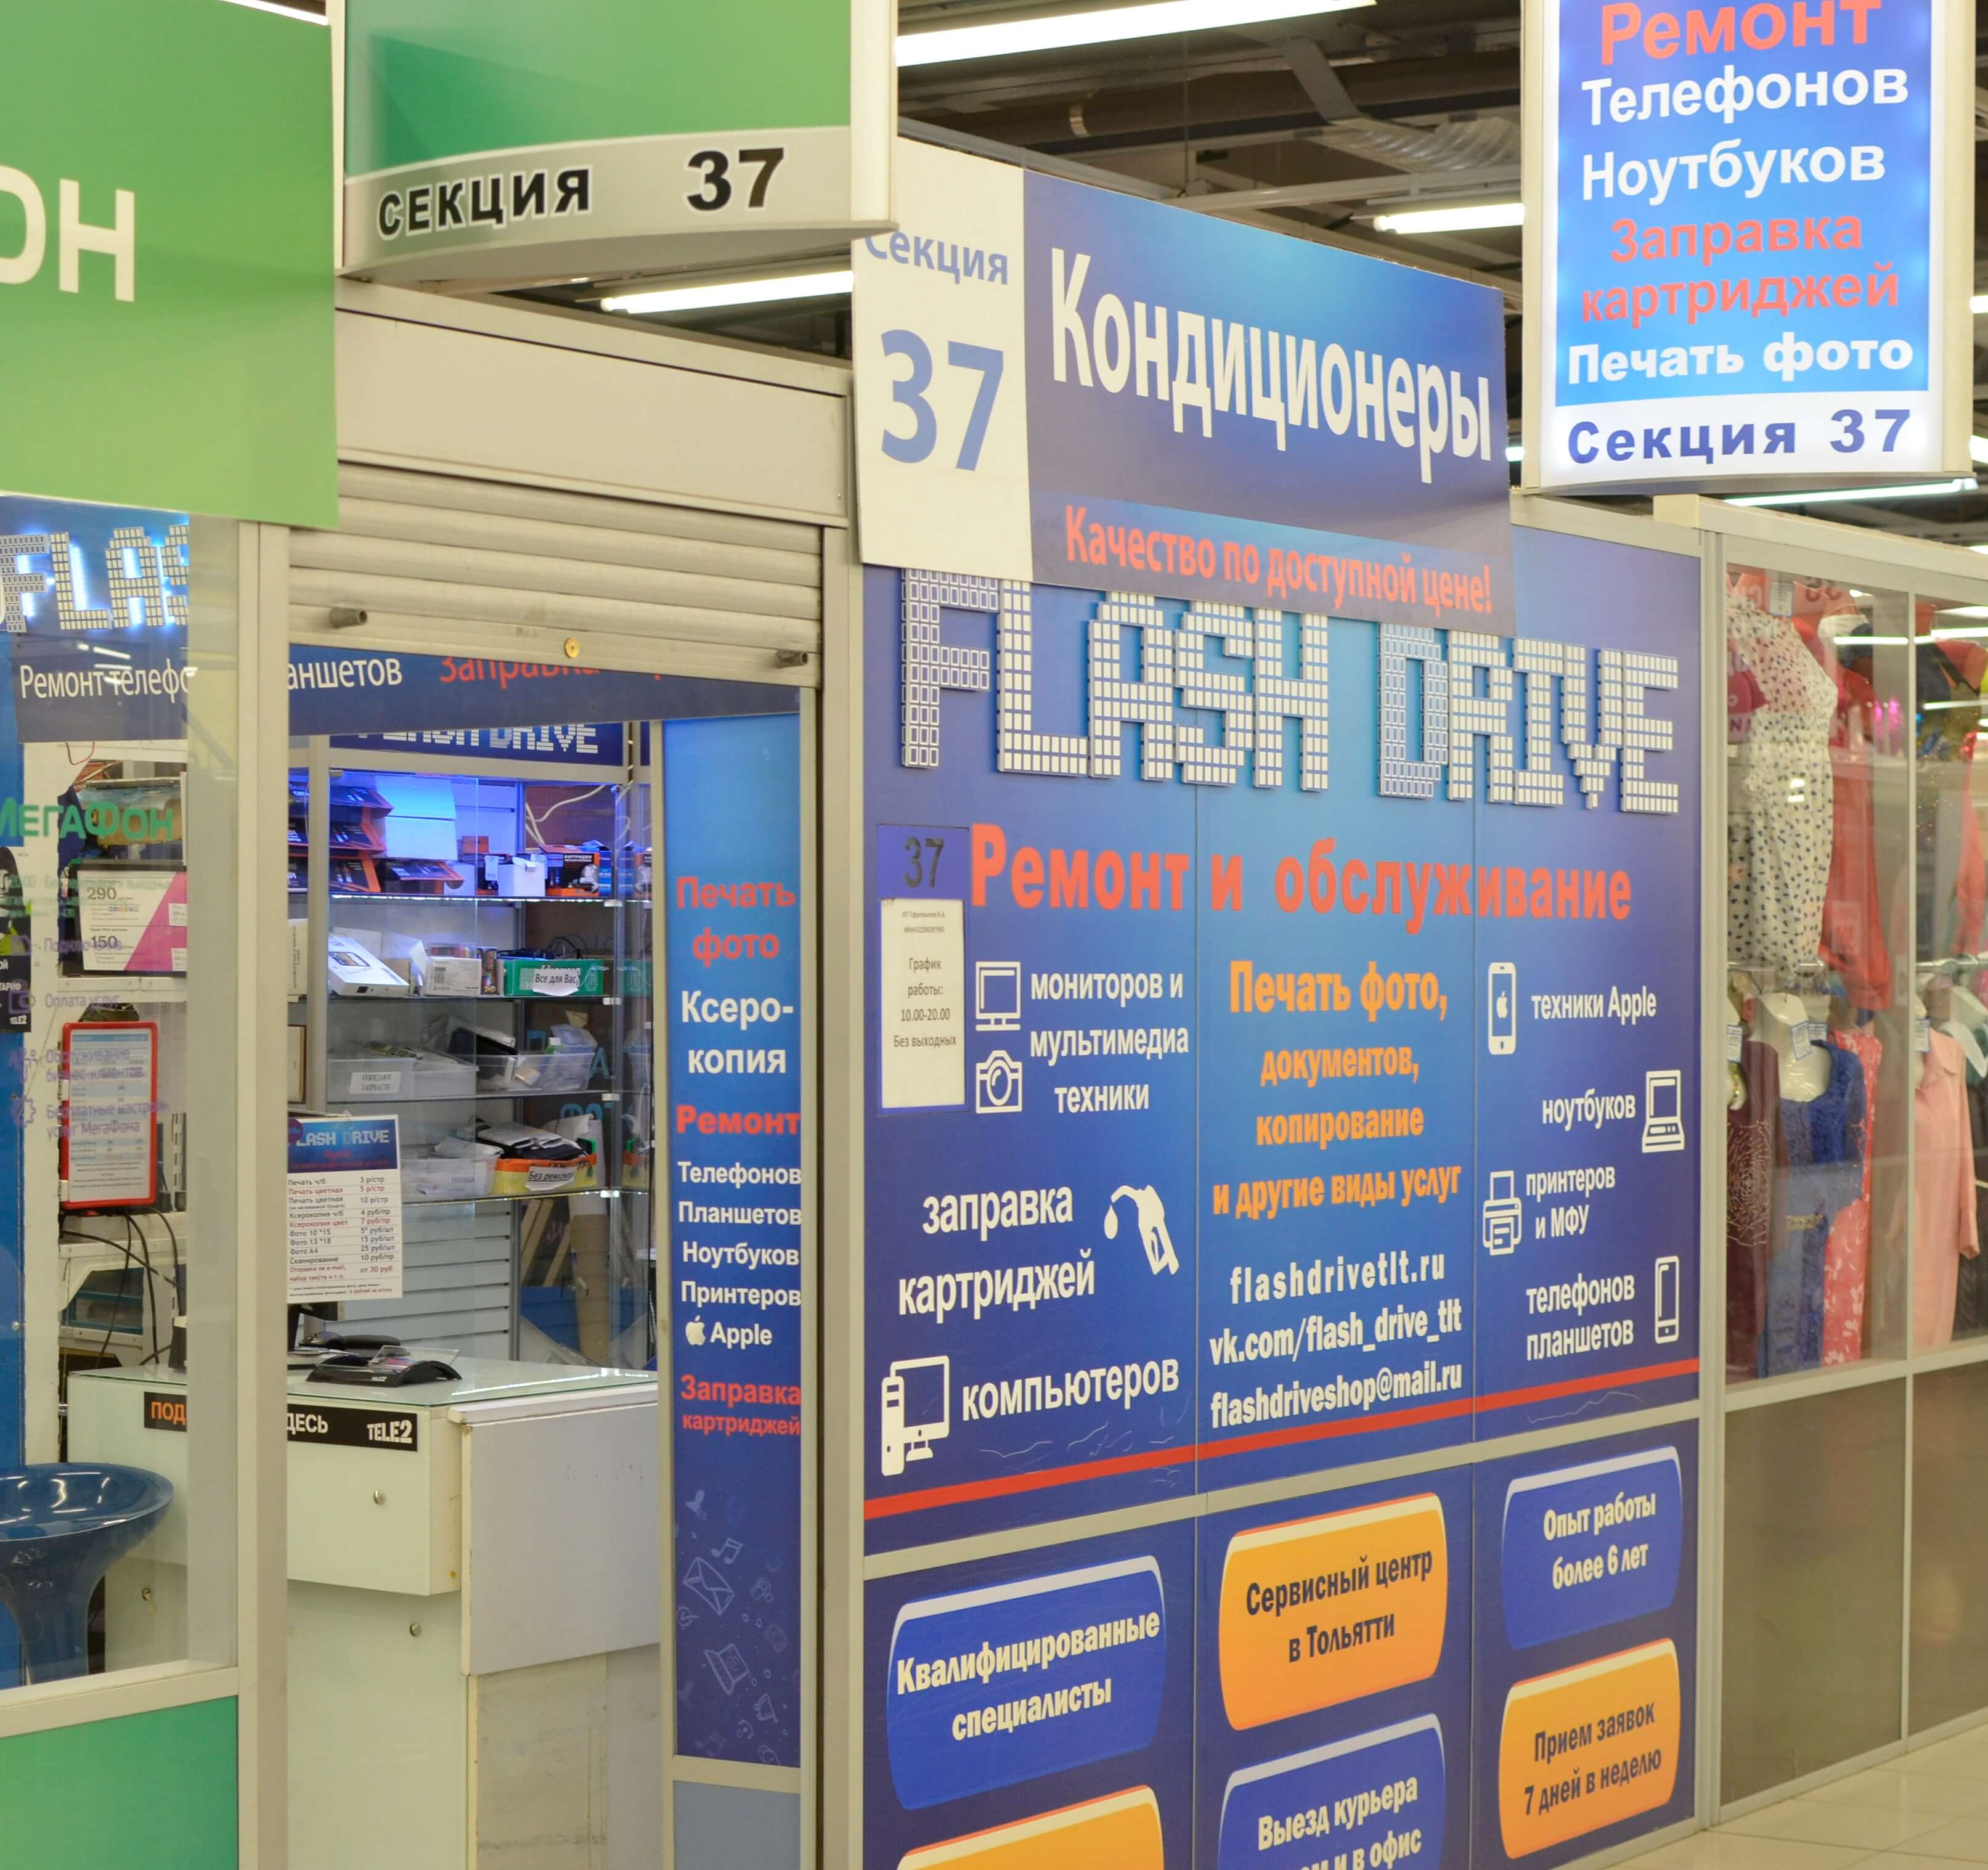 Flash Drive отдел